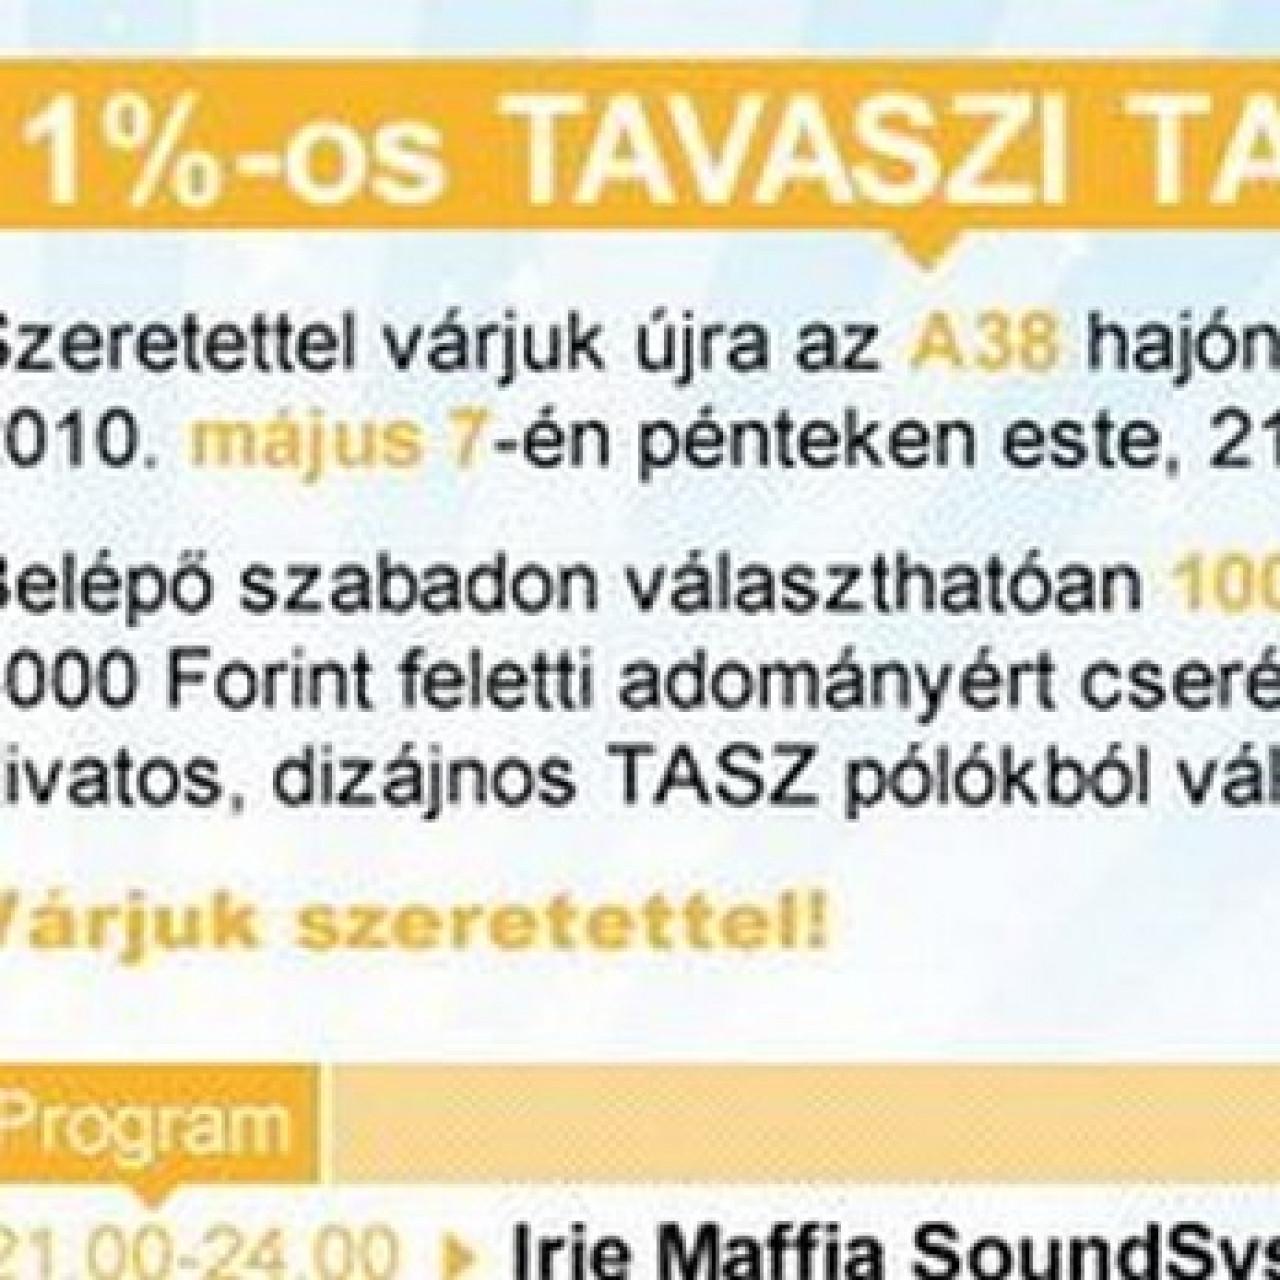 1%-os tavaszi TASZ party: Irie Maffia Sound System, DJ Naga